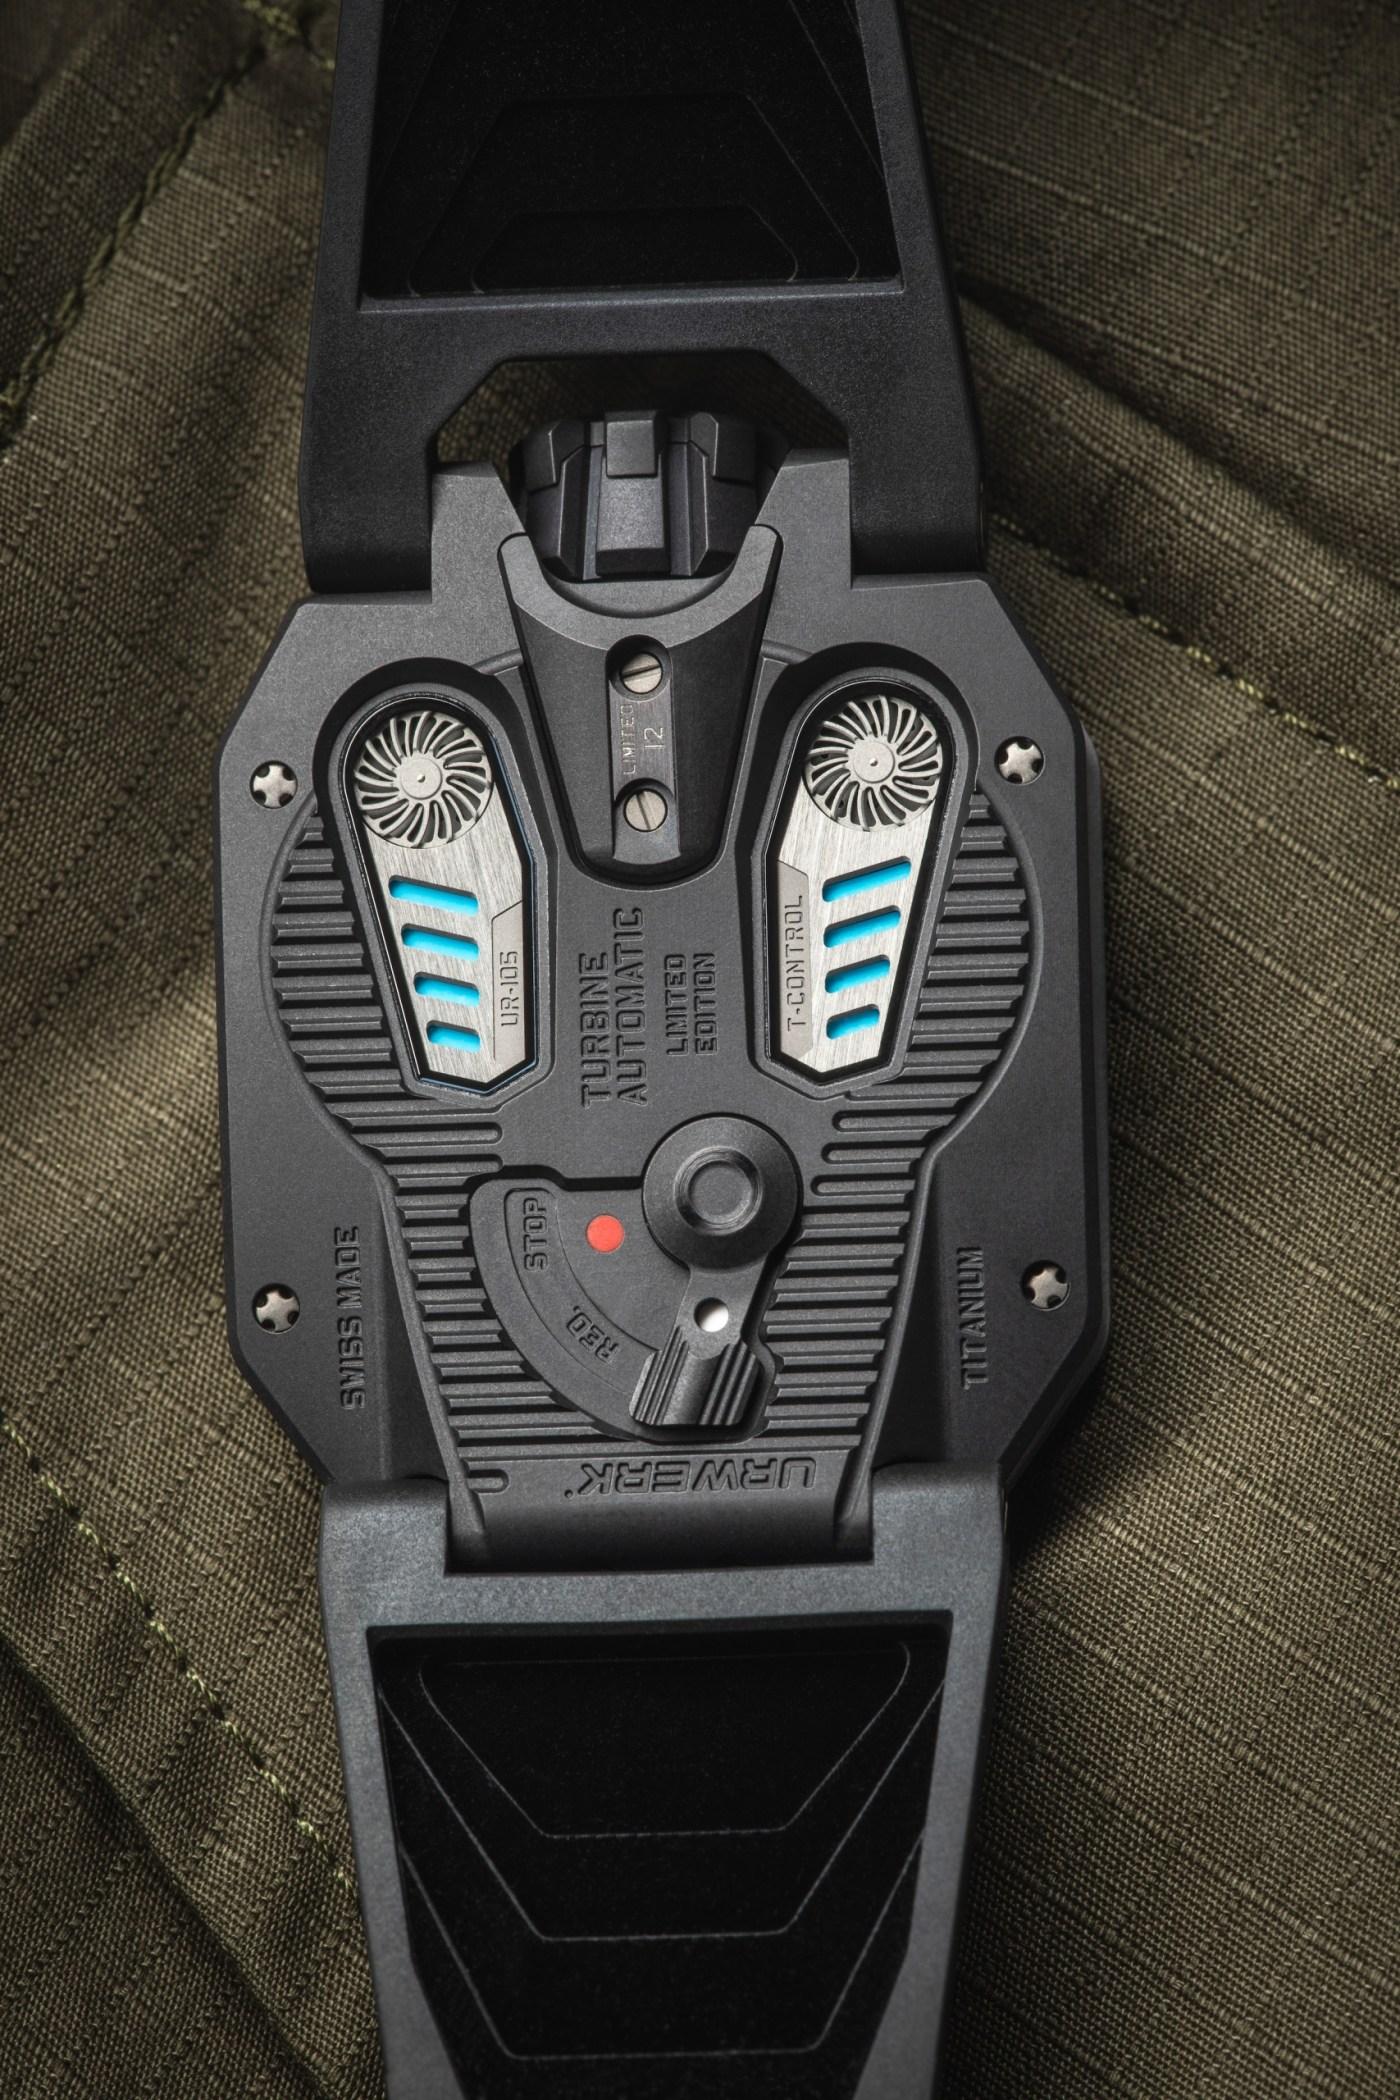 UR-105 TTH Tantalum Hull caseback